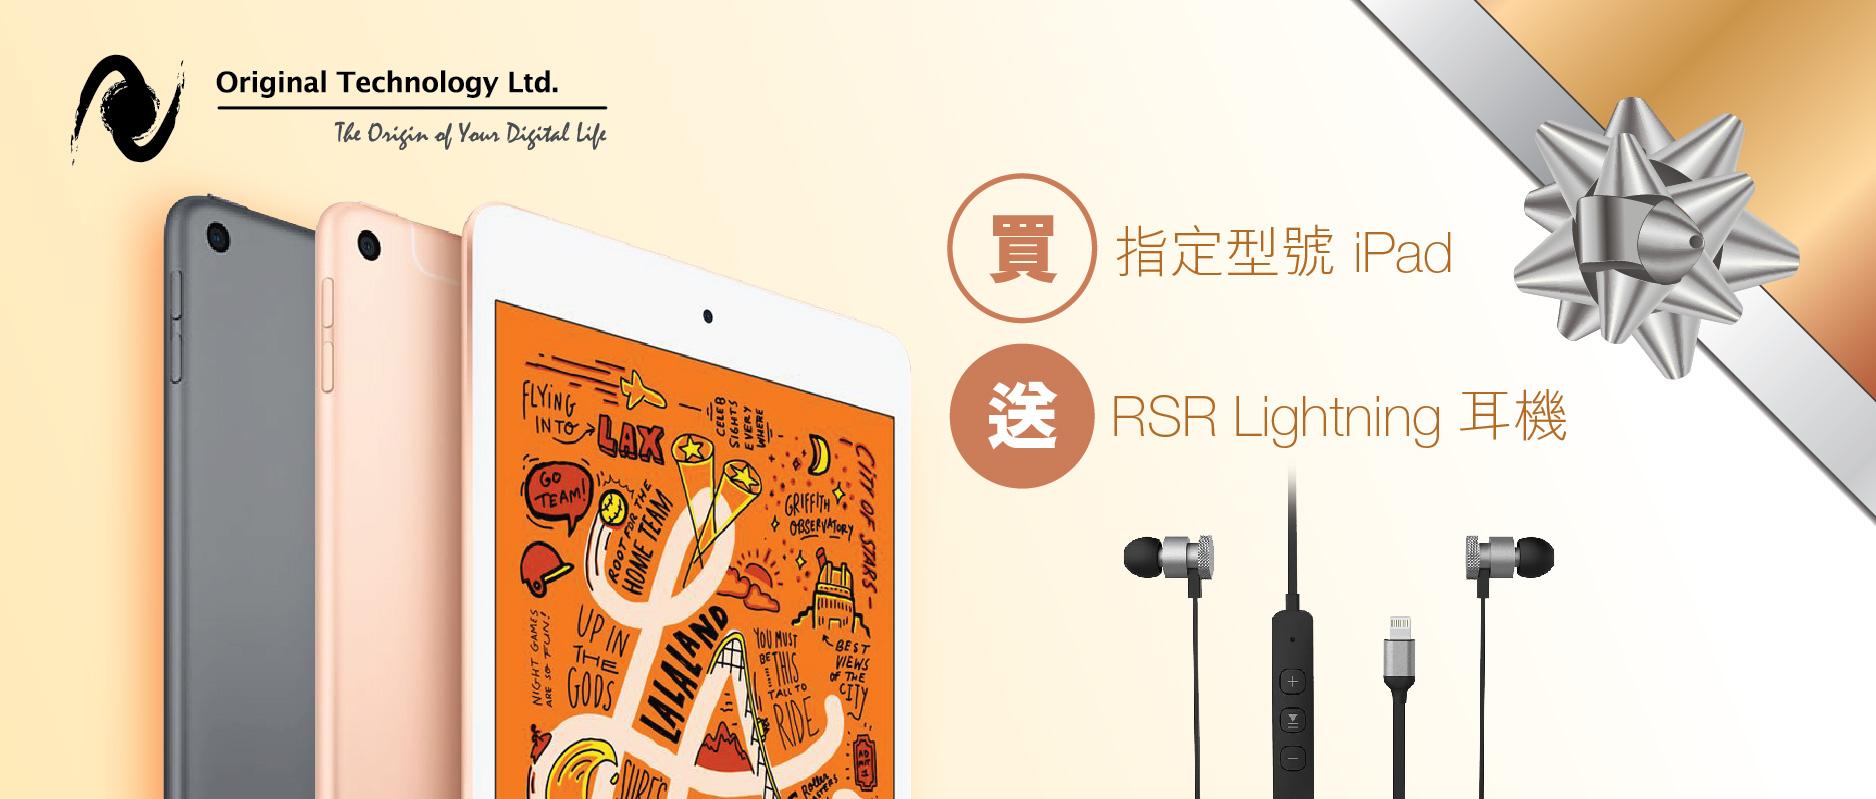 PR01_Summer iPad Promo_900x383_01_WeChat_Case.jpg